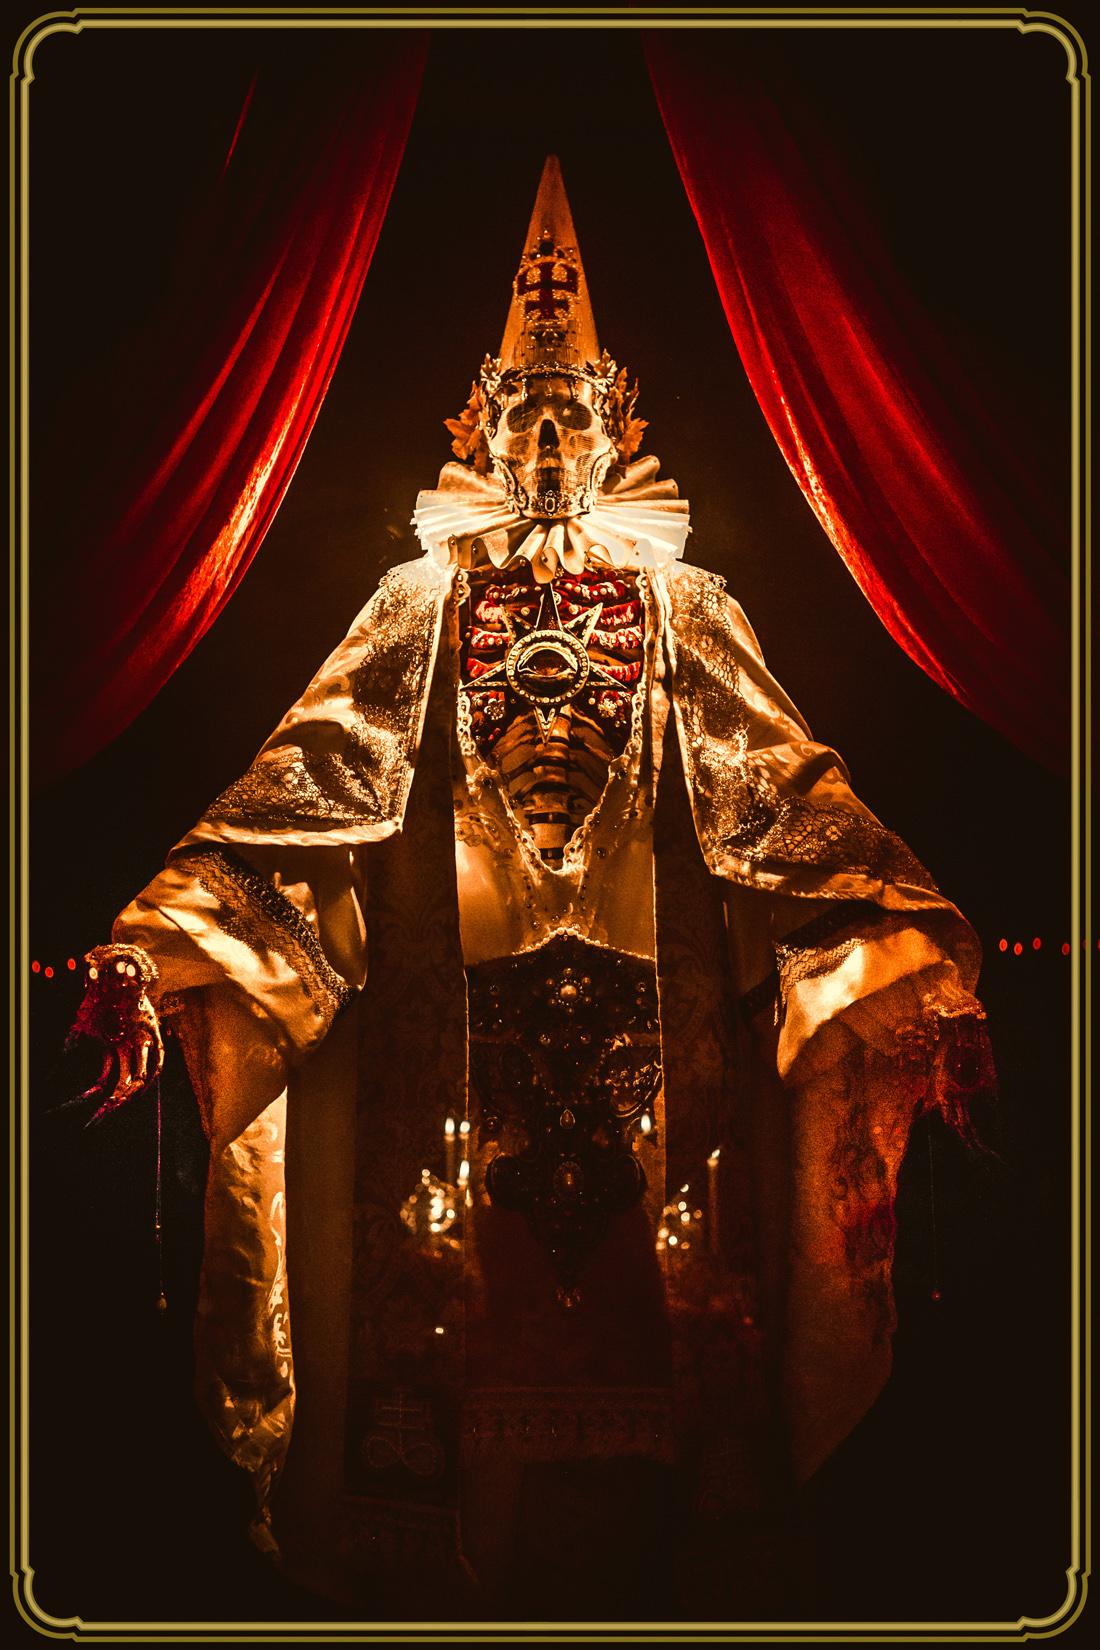 Theatre Bizarre | The Greatest Masquerade on Earth